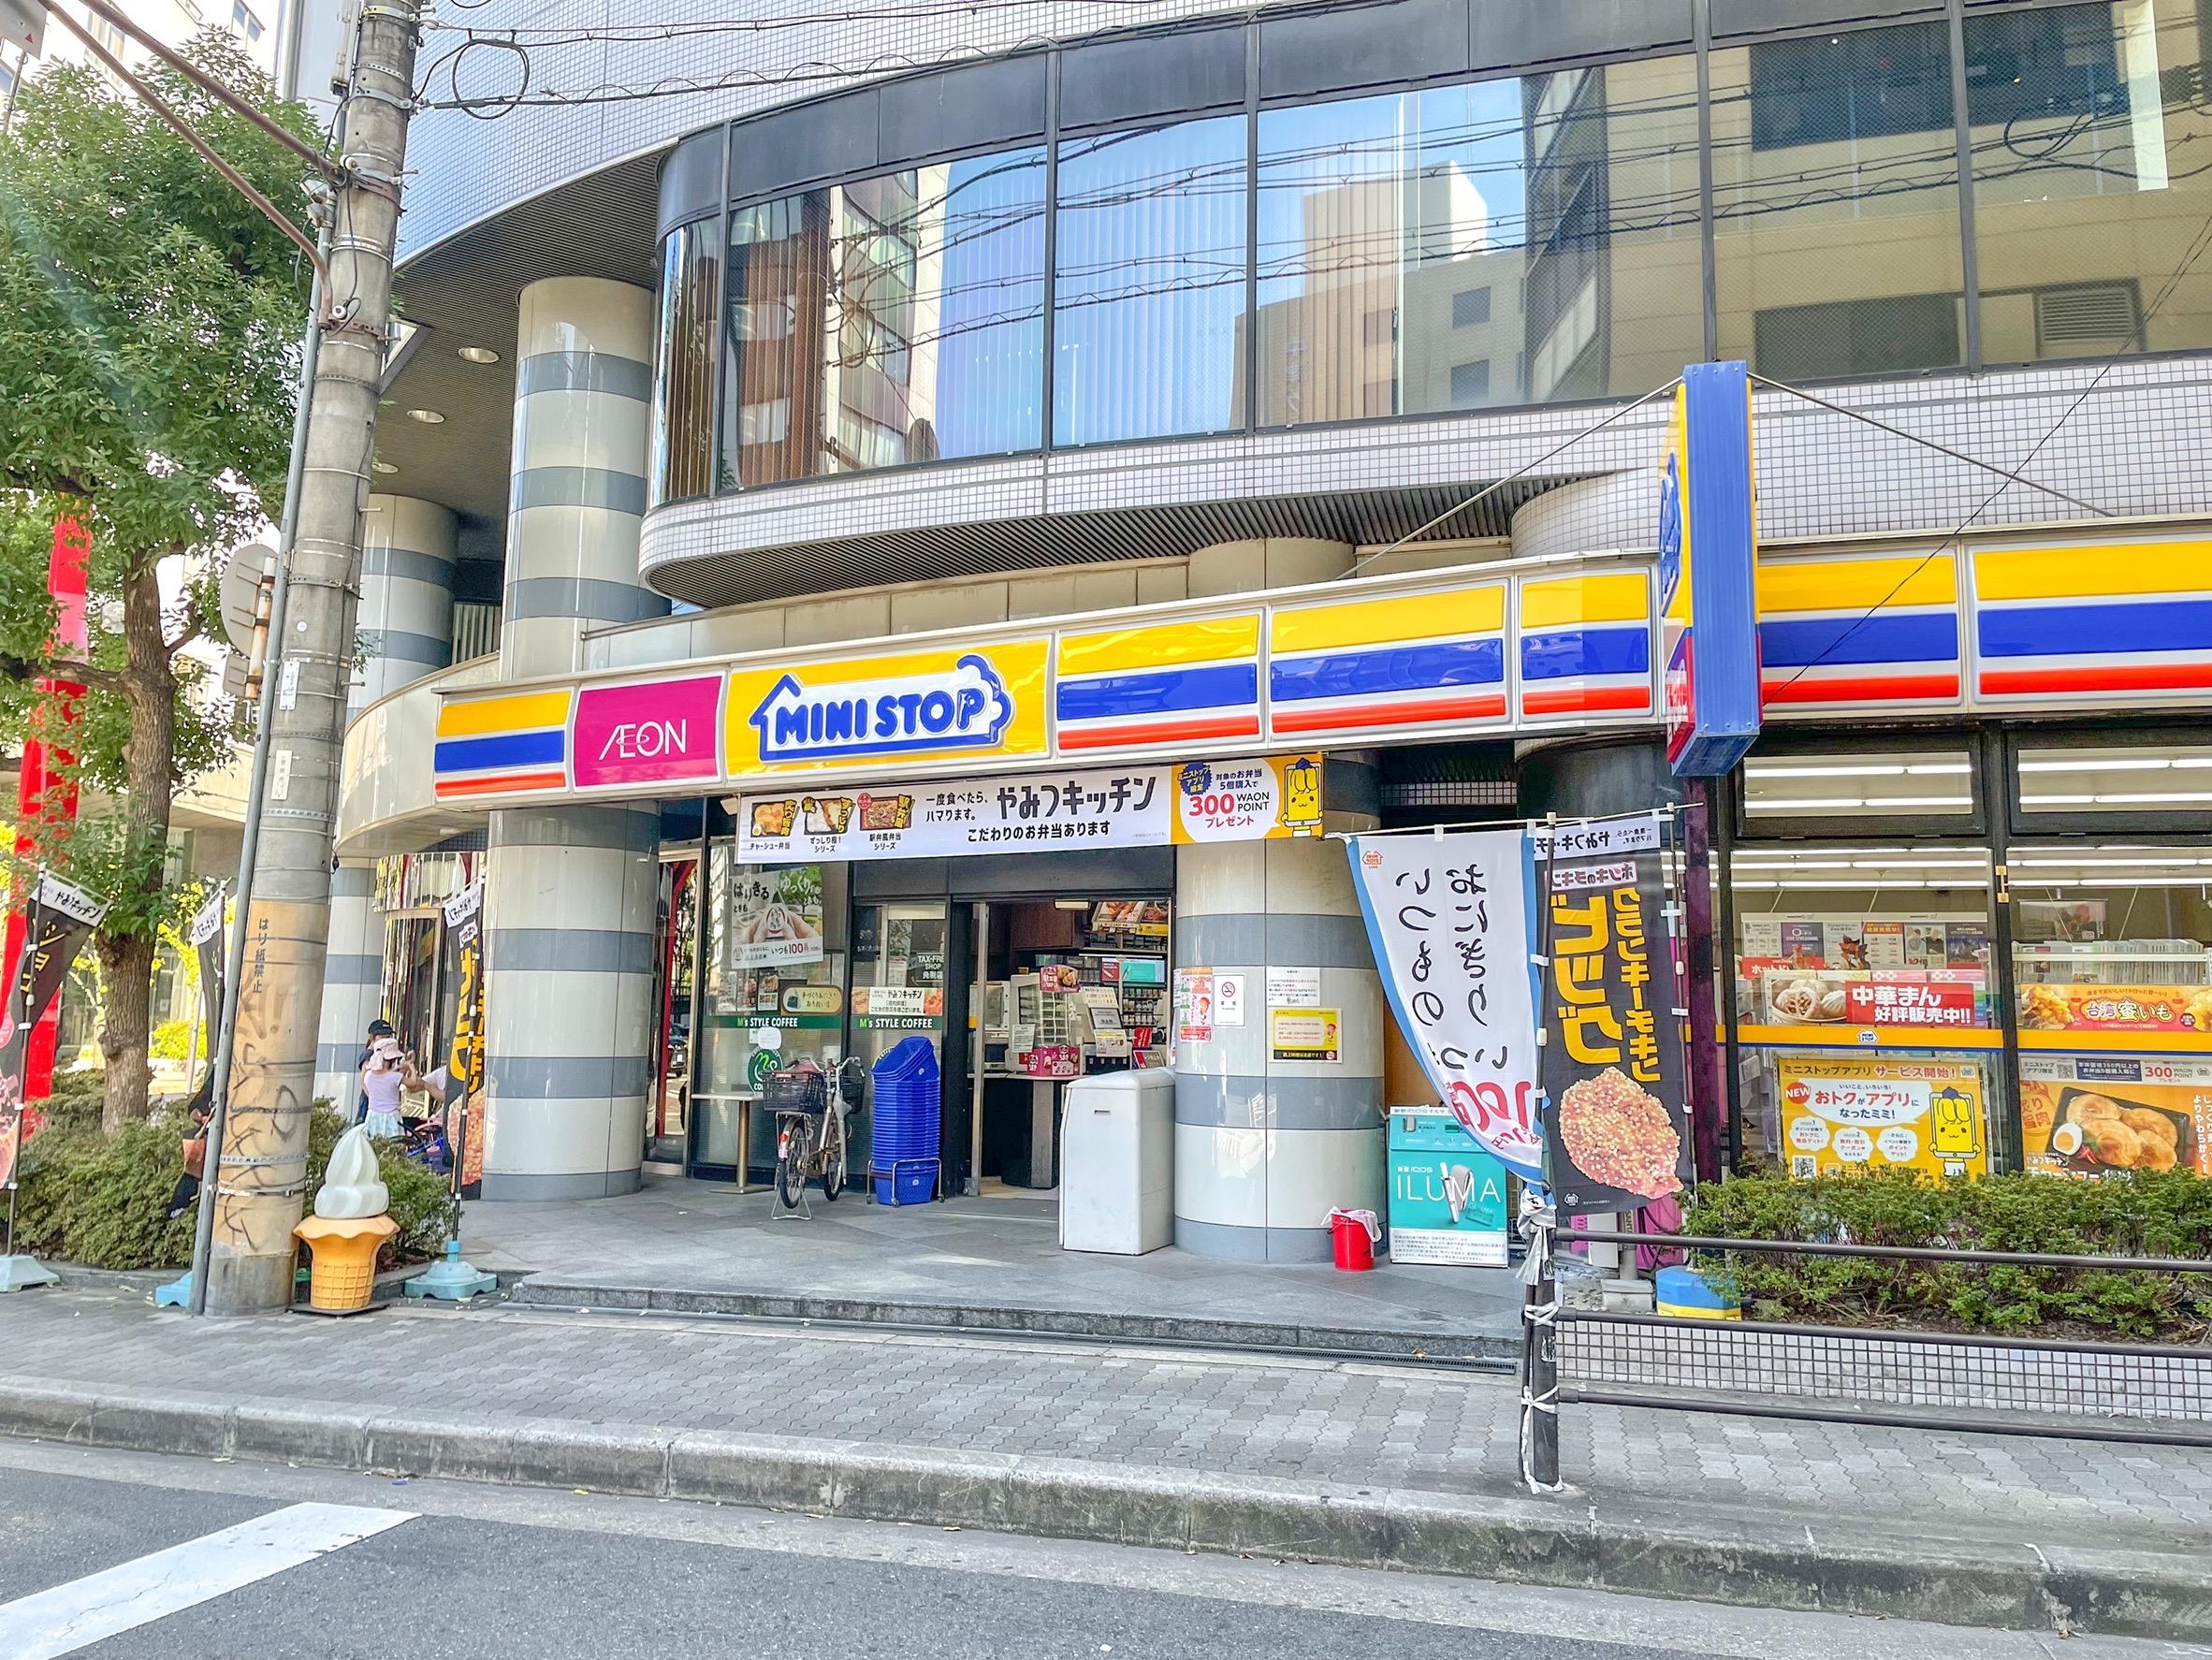 ミニストップ 徒歩3分 宅都プロパティ大阪学生向けマンション総合サイト studentroom